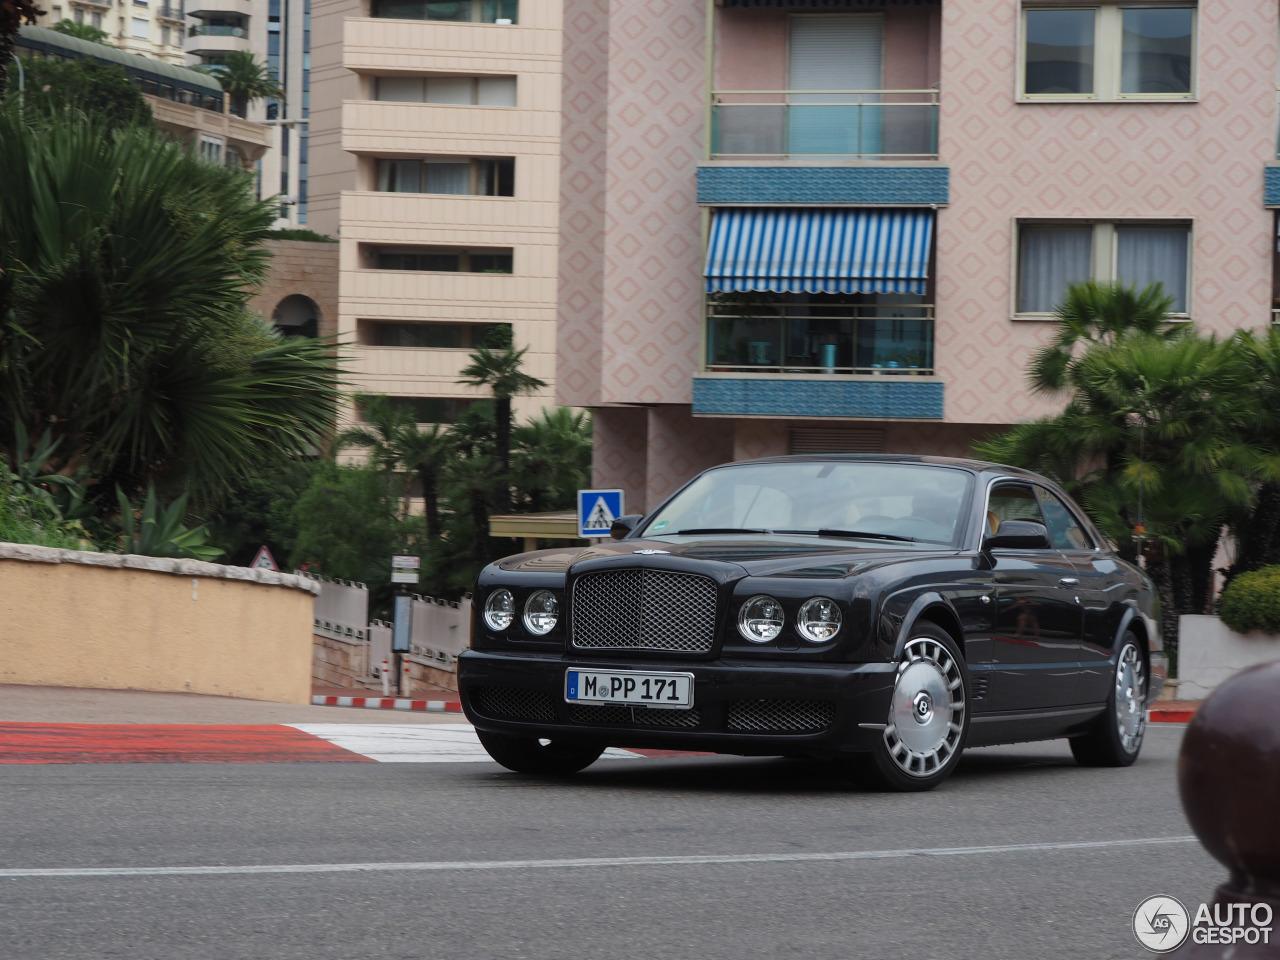 Bentley brooklands 2008 25 august 2015 autogespot 4 i bentley brooklands 2008 4 vanachro Choice Image